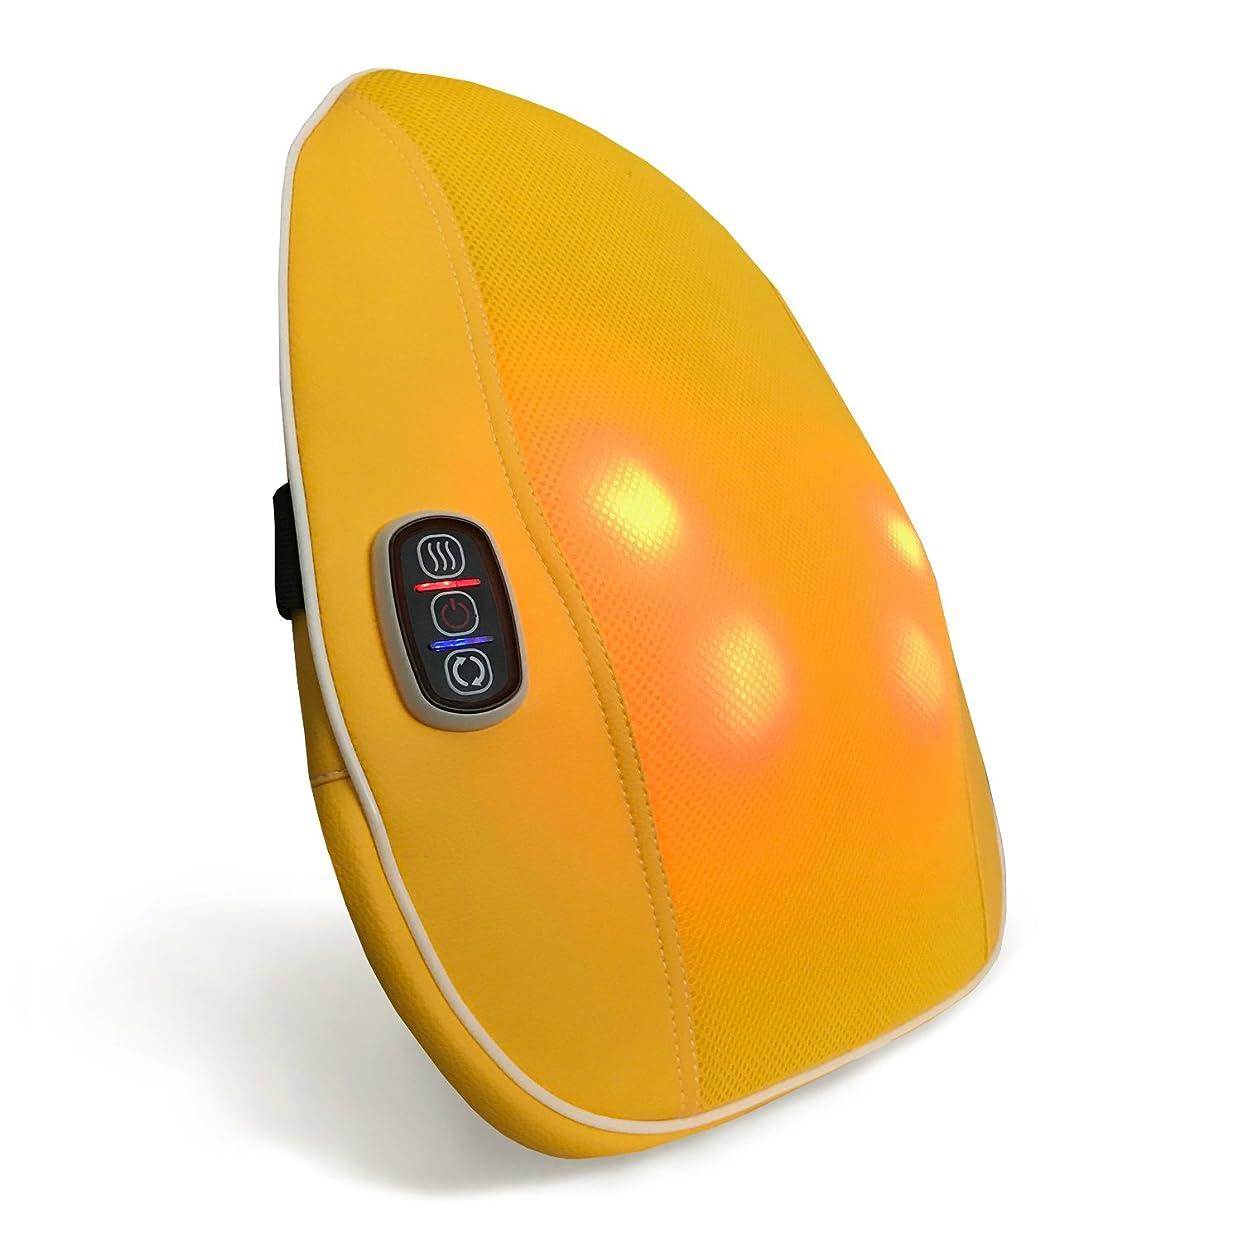 遺跡人工的なブランドクロシオ スマートマッサージャー パプリカ イエロー 幅40cm 厚み9cm もみ玉式マッサージ器 薄型 簡単操作 マッサージクッション